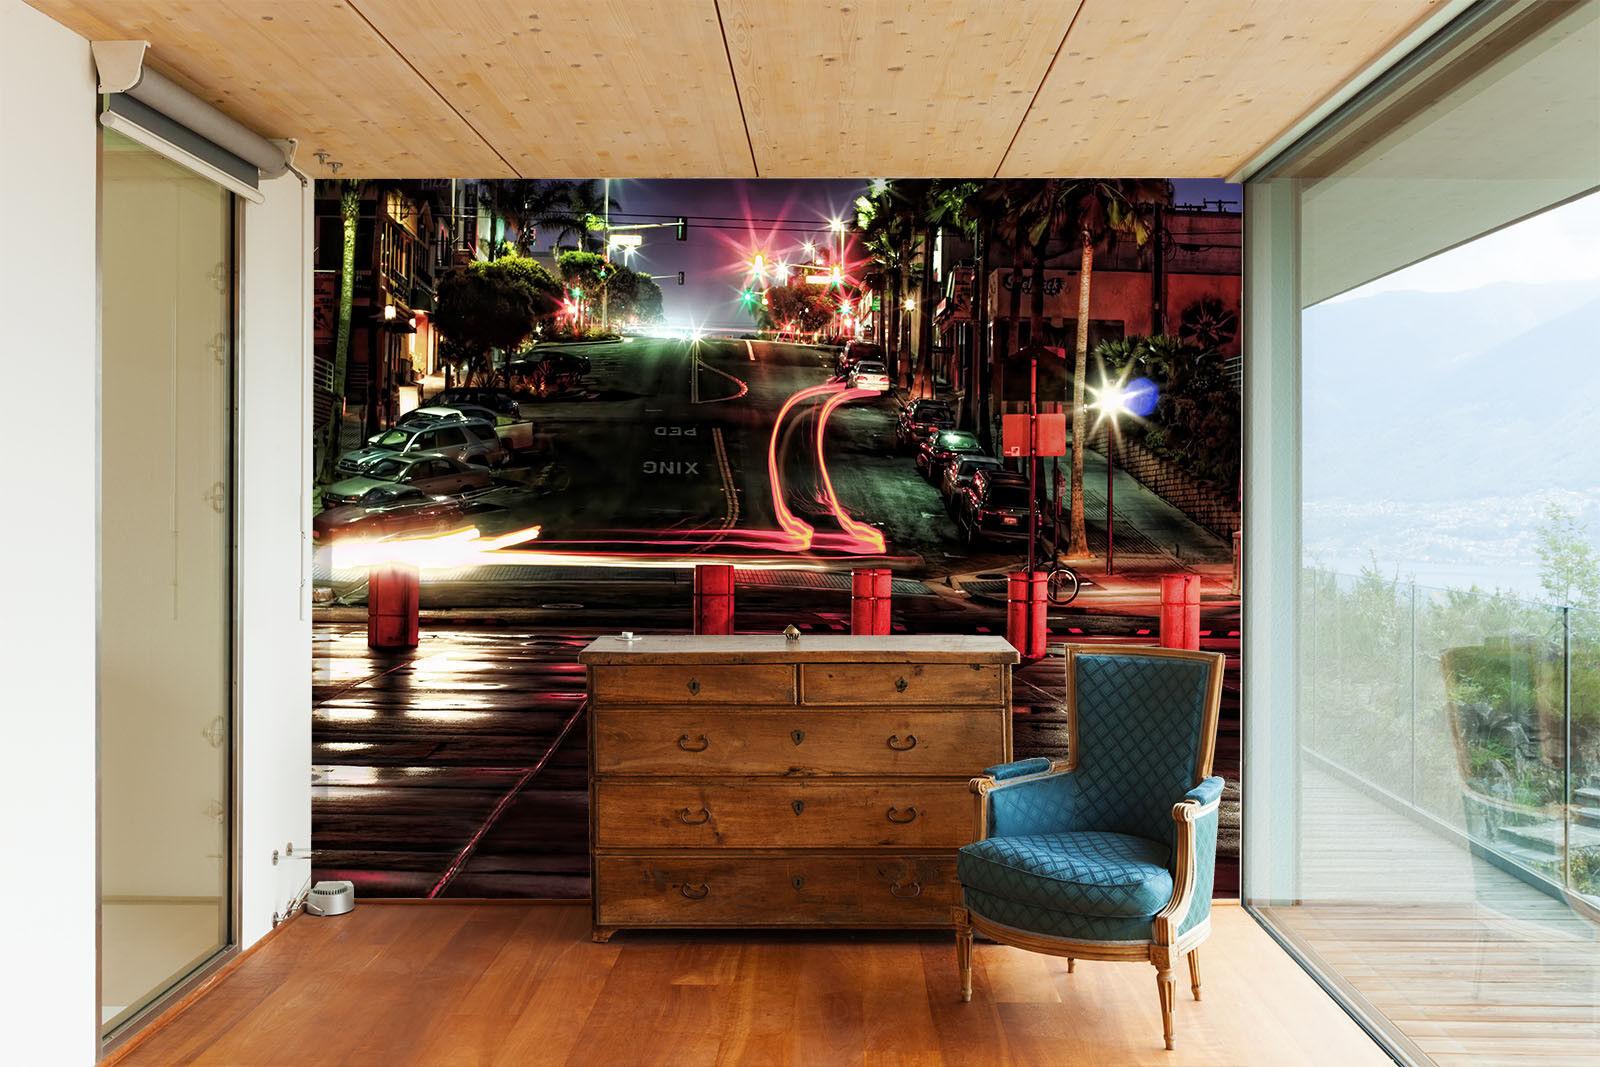 3D Steigung Straße Licht  74 Tapete Wandgemälde Wandgemälde Wandgemälde Tapete Tapeten Bild Familie DE | Bekannt für seine gute Qualität  | Zart  |  f75572